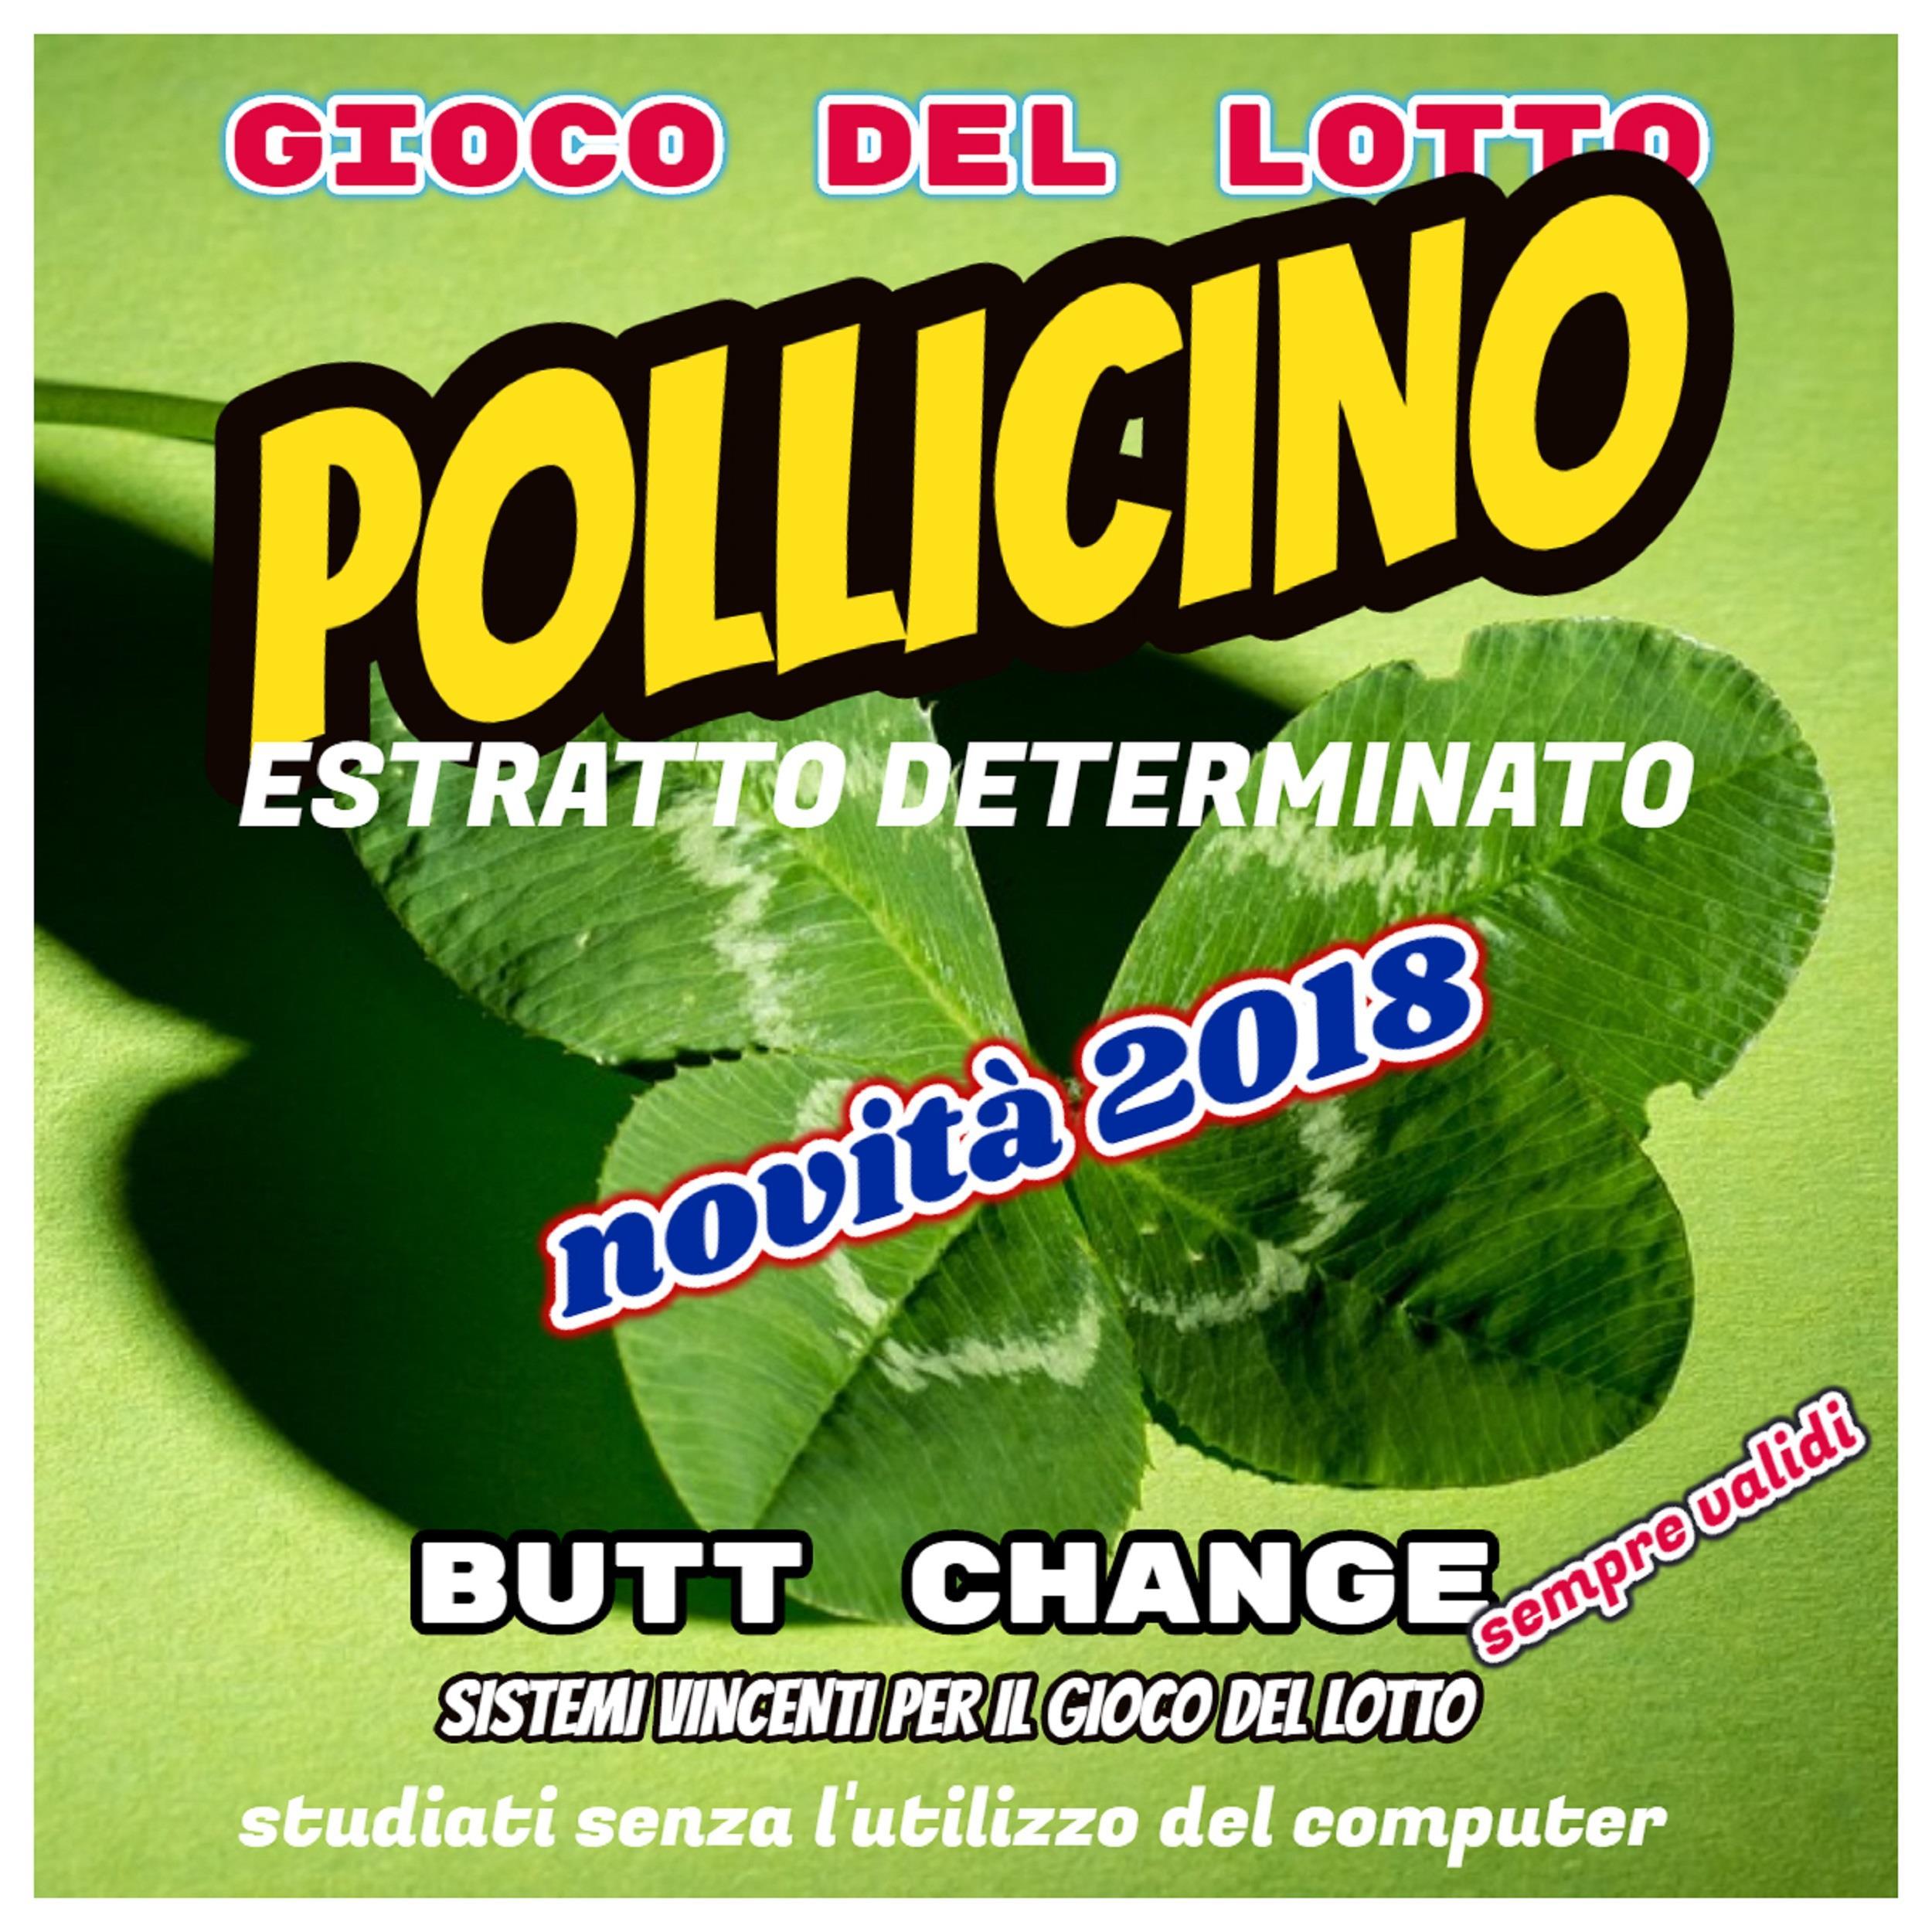 Gioco del Lotto; POLLICINO, estratto determinato di Butt Change by Mat Marlin [ Mat Marlin]